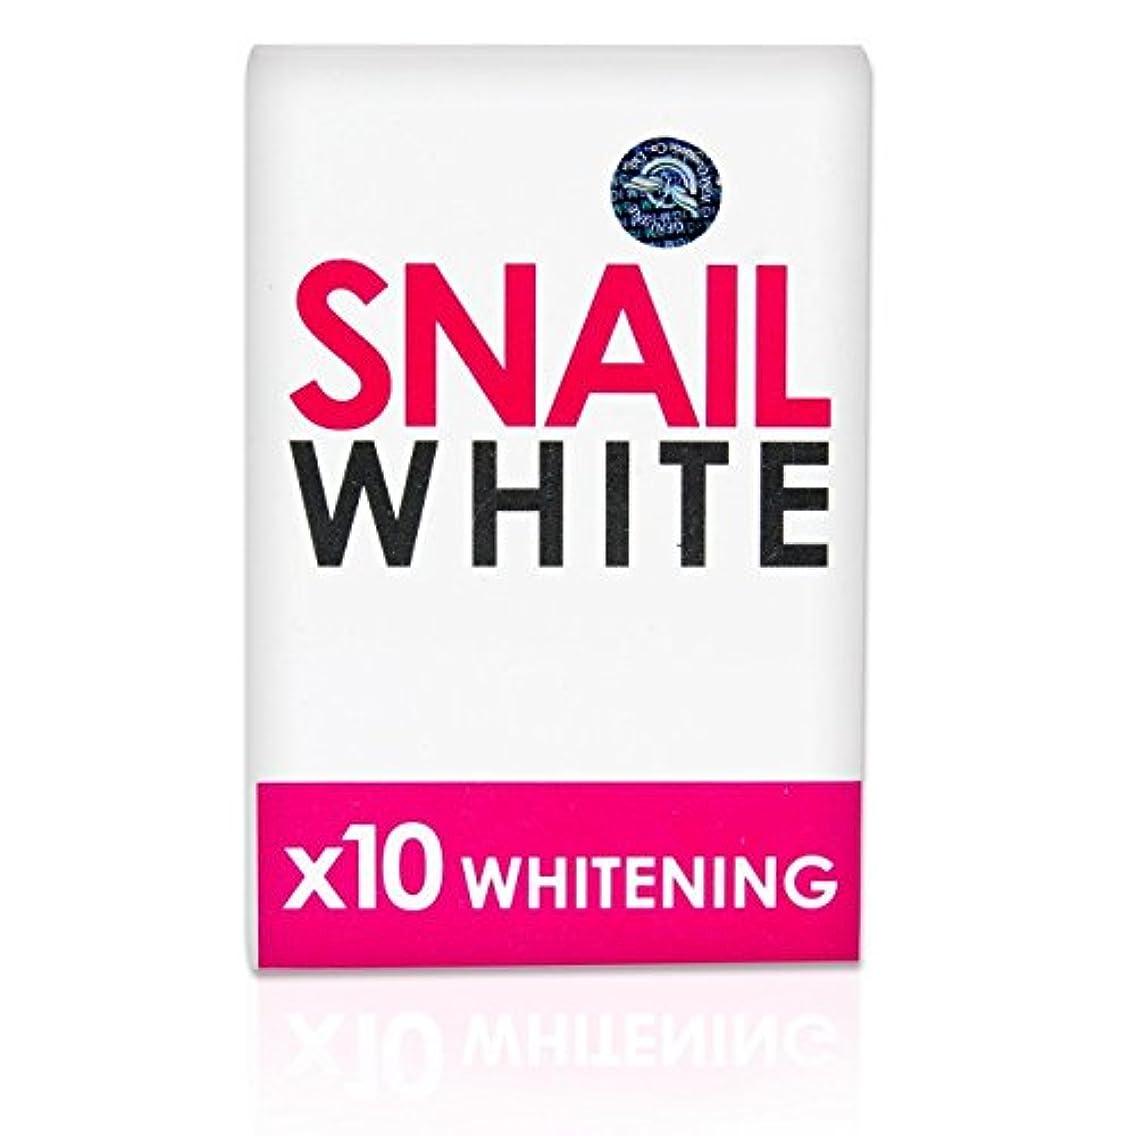 ヨーロッパライフルぴったりSnail White Soap 10x Whitening Power 70g.,dark Spots Damage Skin Face & Body.(Good Services) by Snail